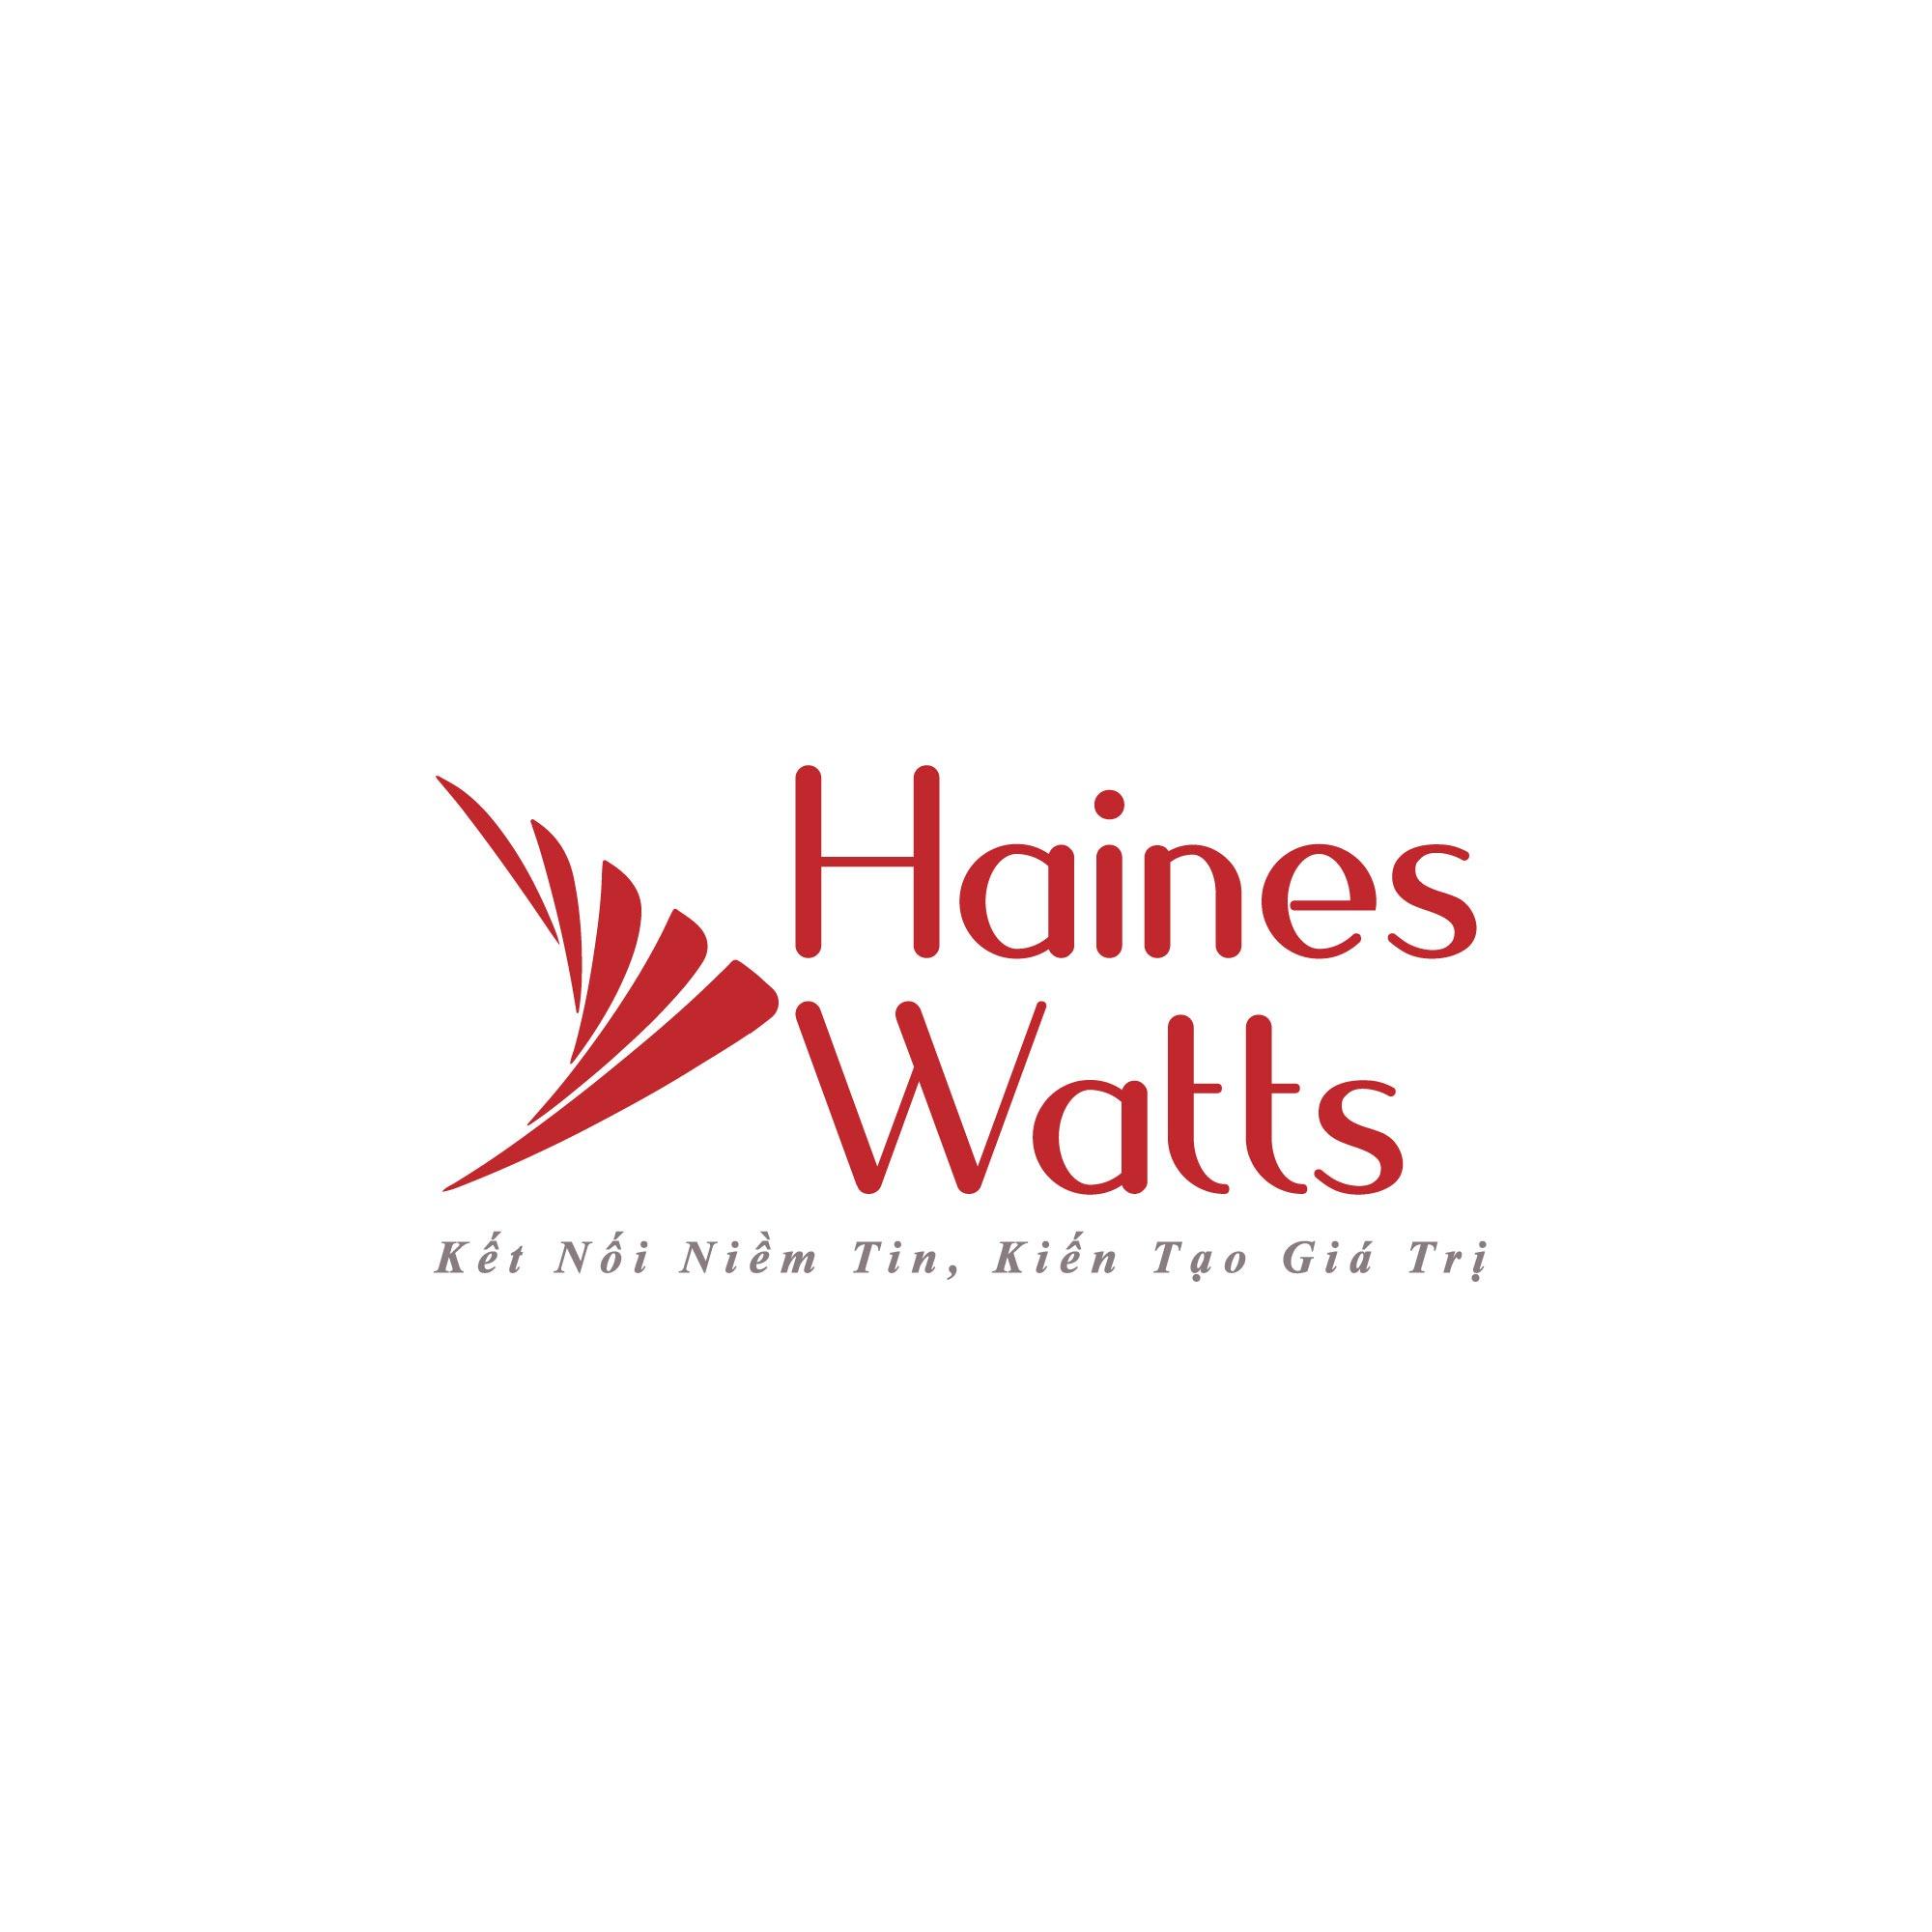 logo haines watts vietnam